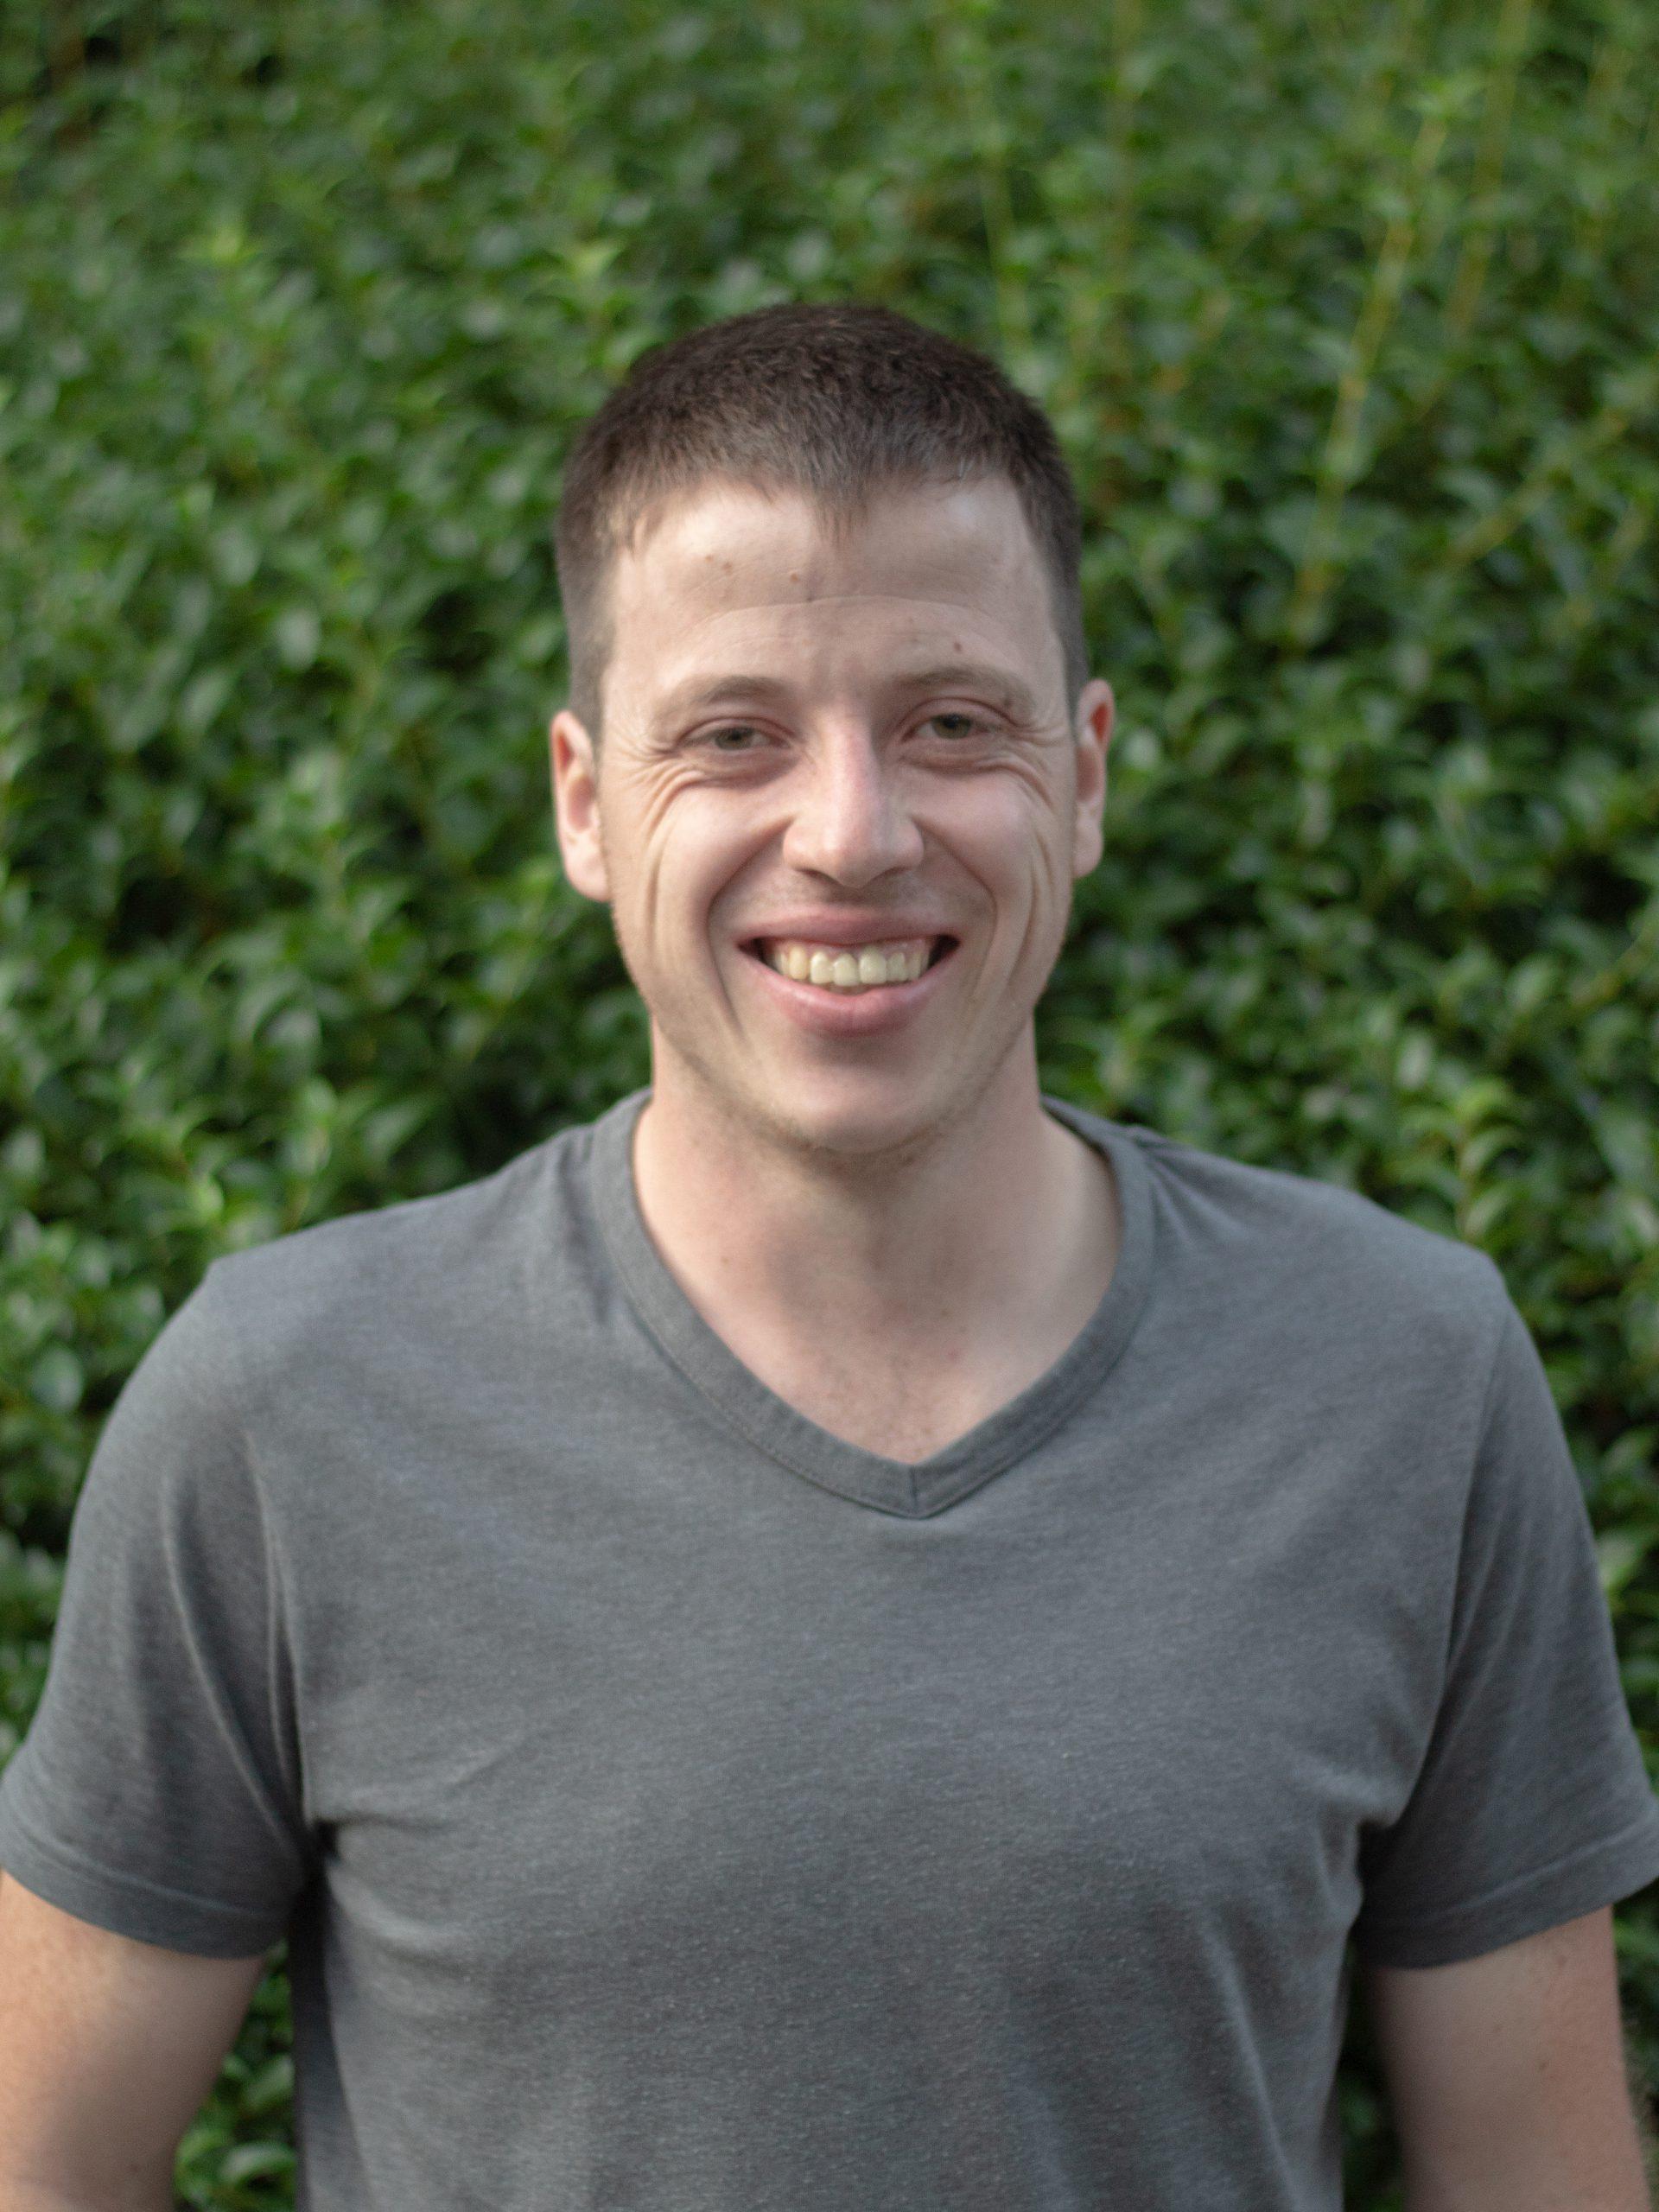 Kilian Aeschbach